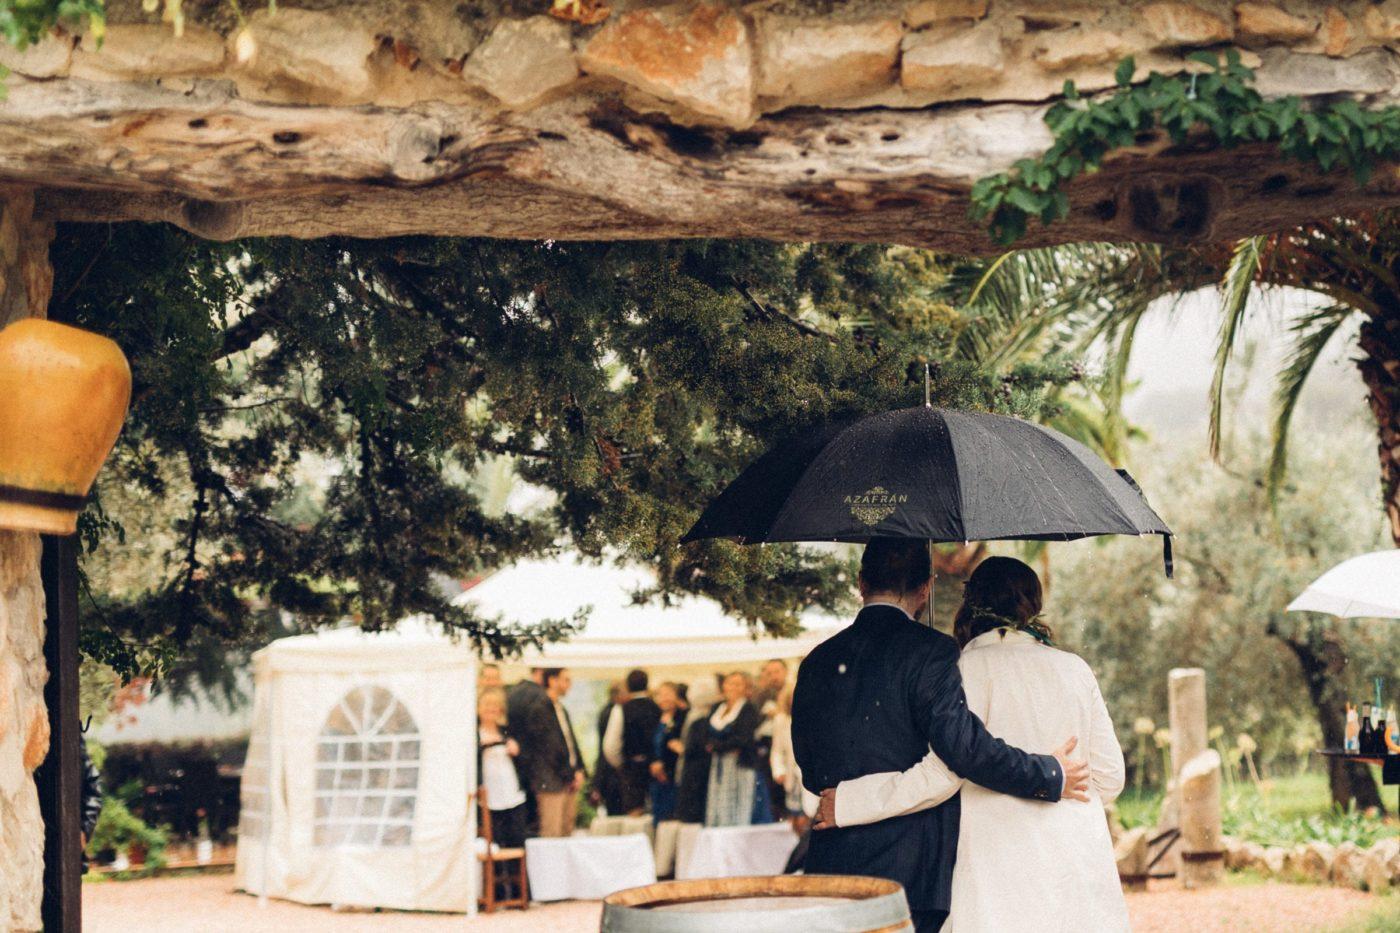 Das Brautpaar kommt im Regen mit einem Regenschirm zur Zeremonie.